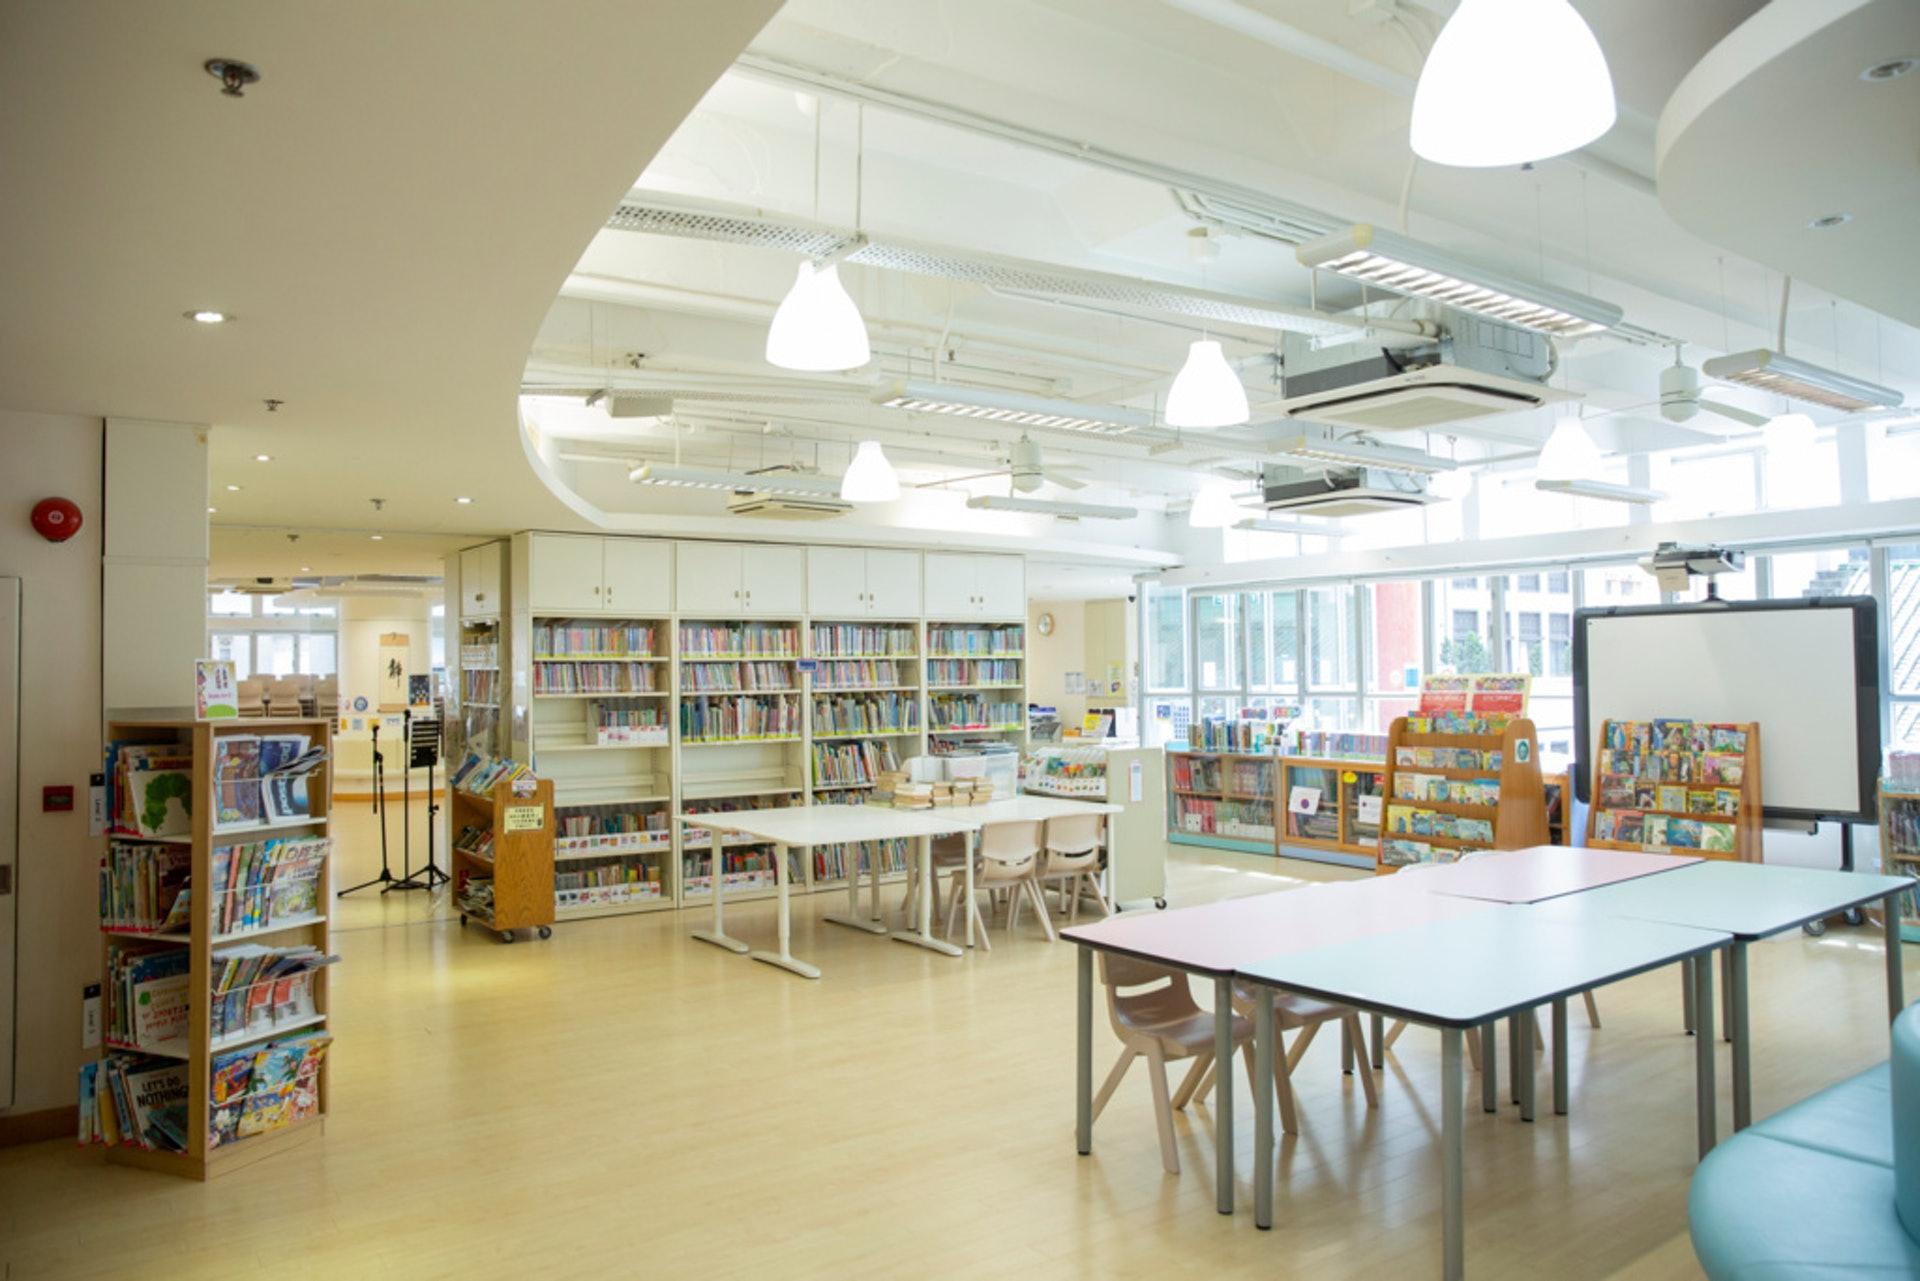 疫情下,課室和設施也有些措施上的轉變。